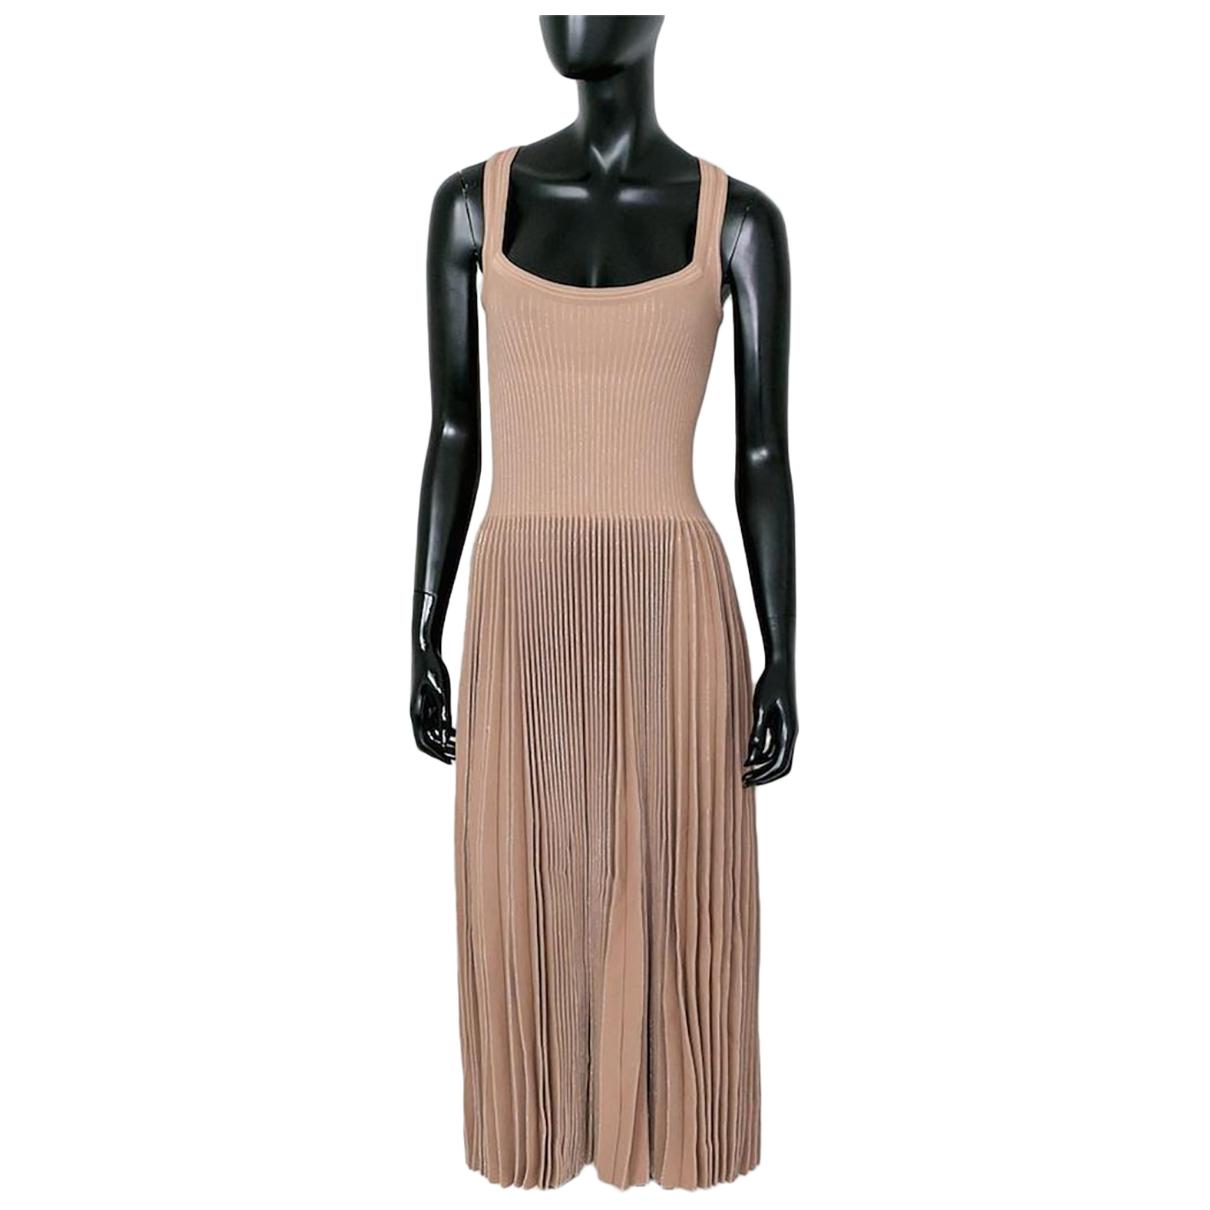 Alaia \N Kleid in  Beige Synthetik